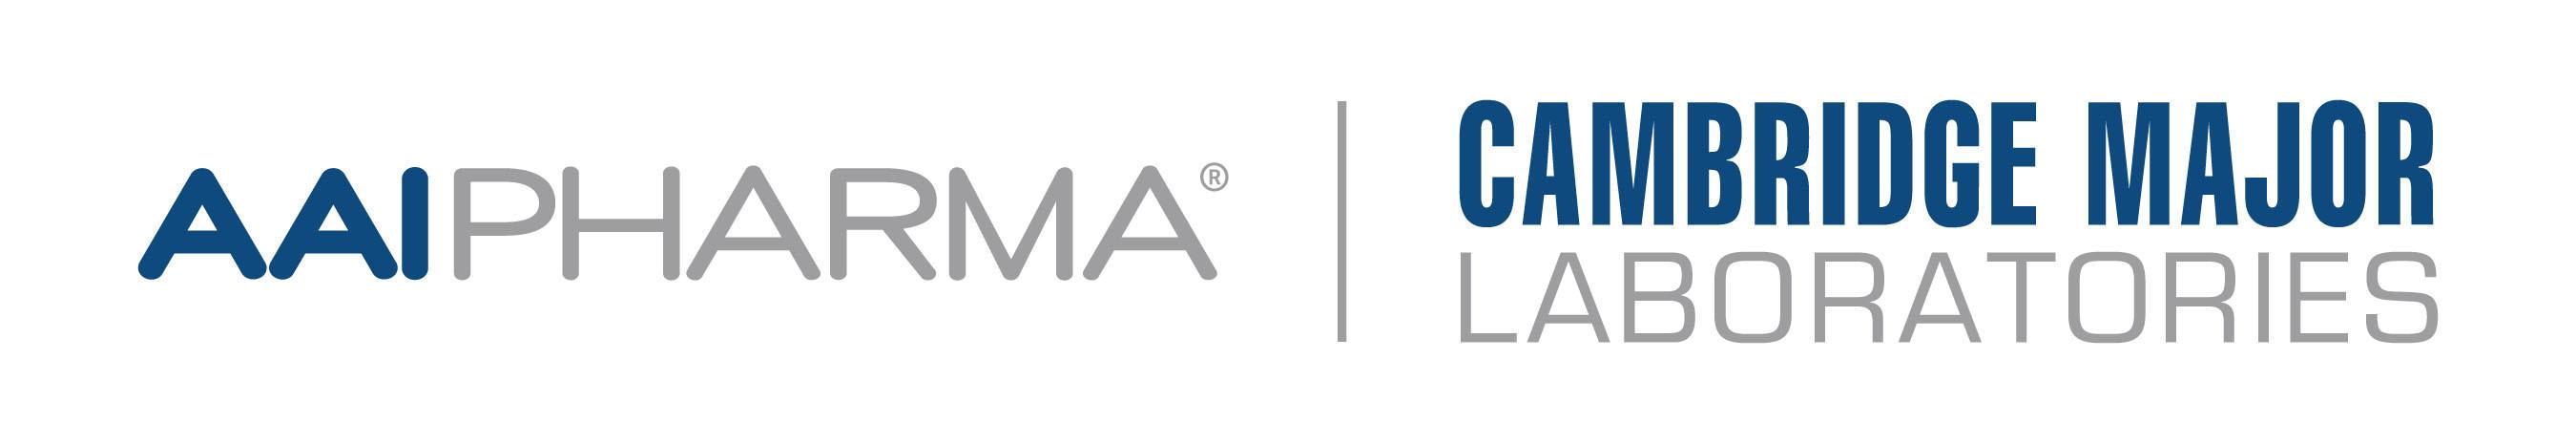 AAIPharma Services Corp. / Cambridge Major Laboratories, Inc. kondigt uitbreiding mogelijkheden en